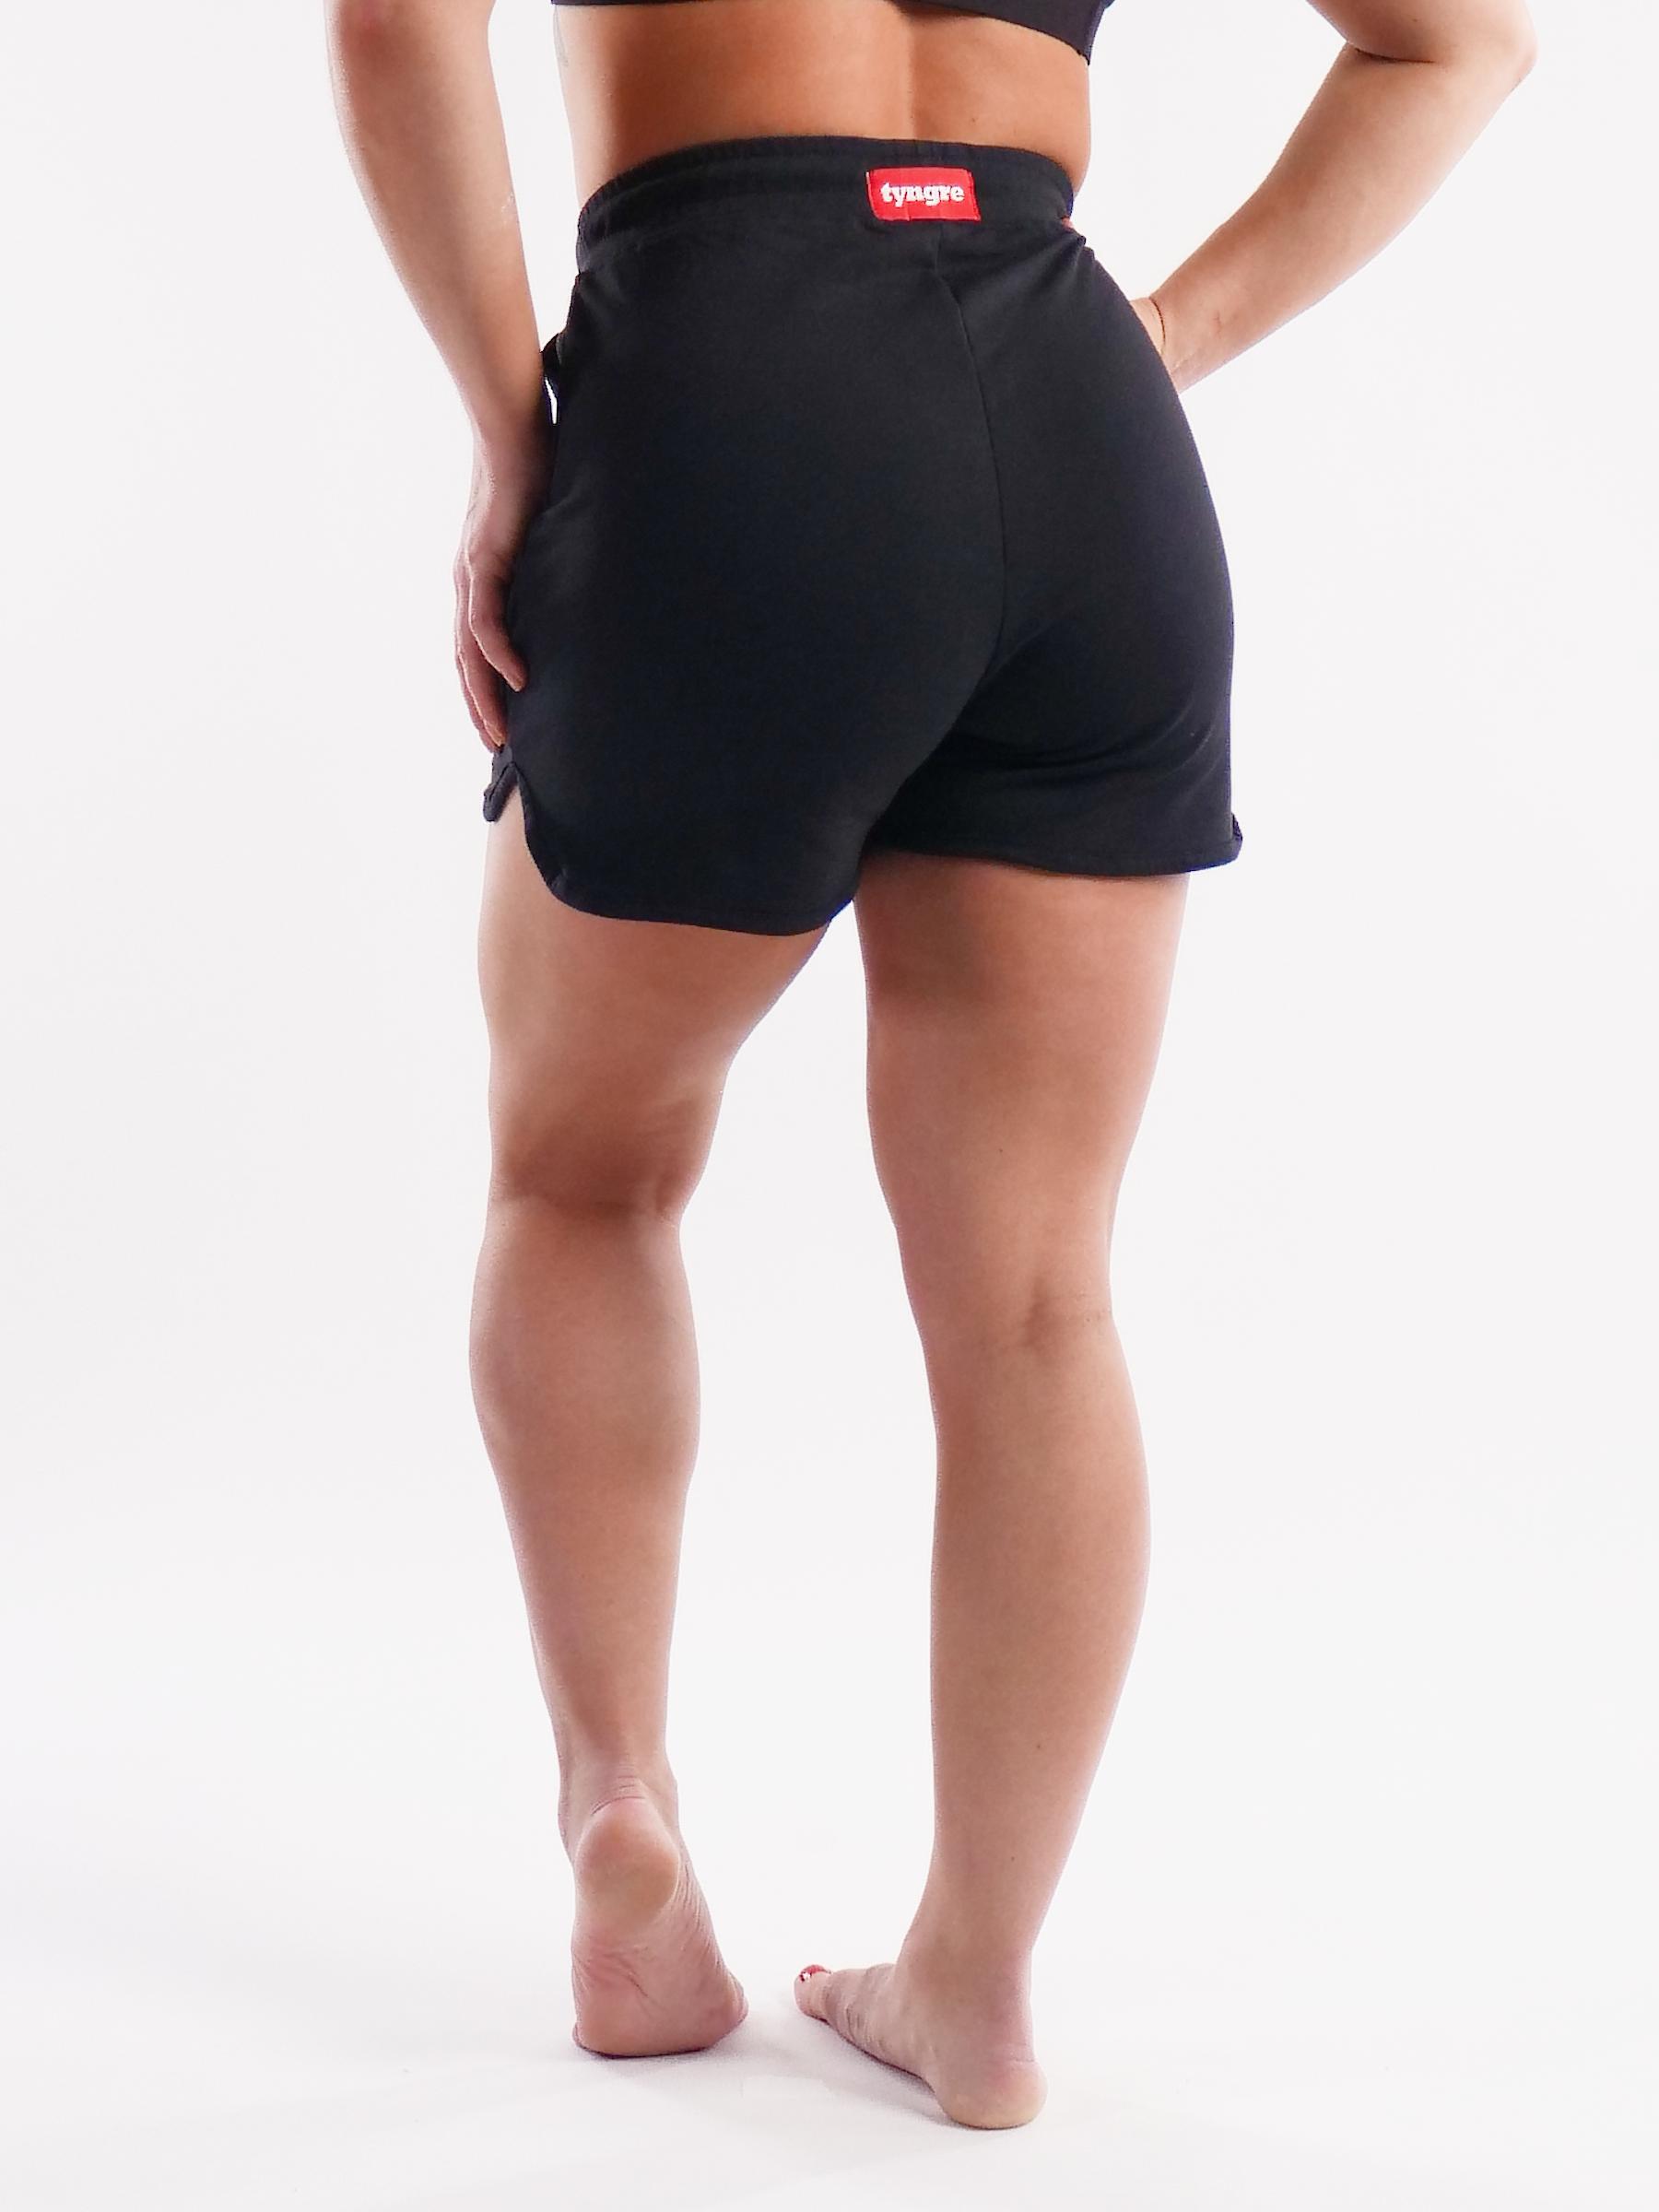 Shorts Free Womens Black